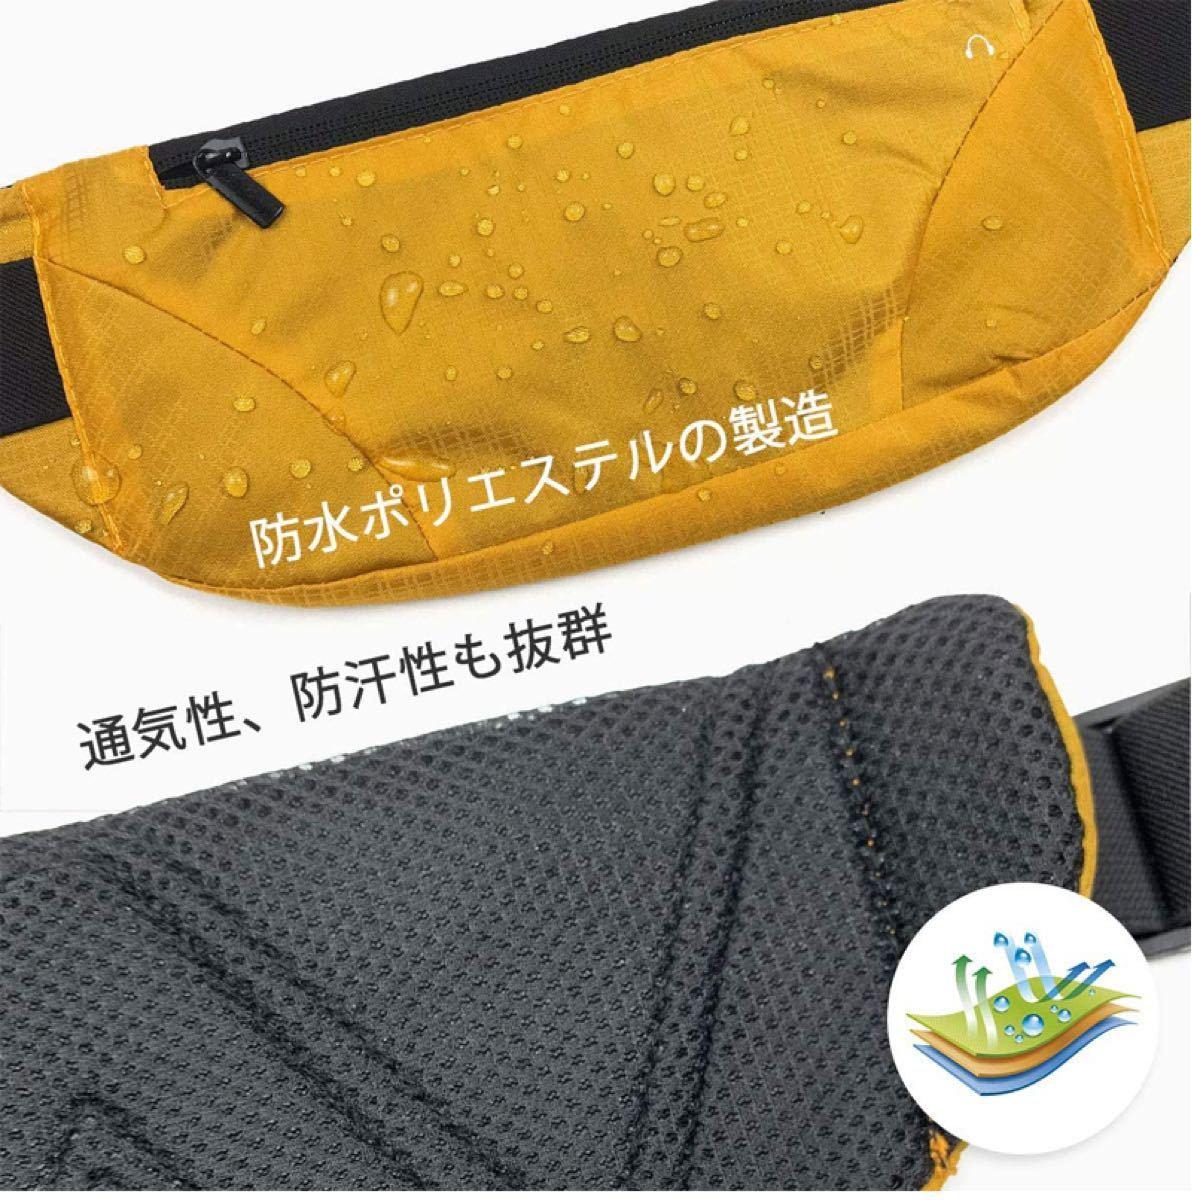 ランニングポーチ ウエストバッグ 超軽量 防水 大容量収納 調節可能 男女兼用